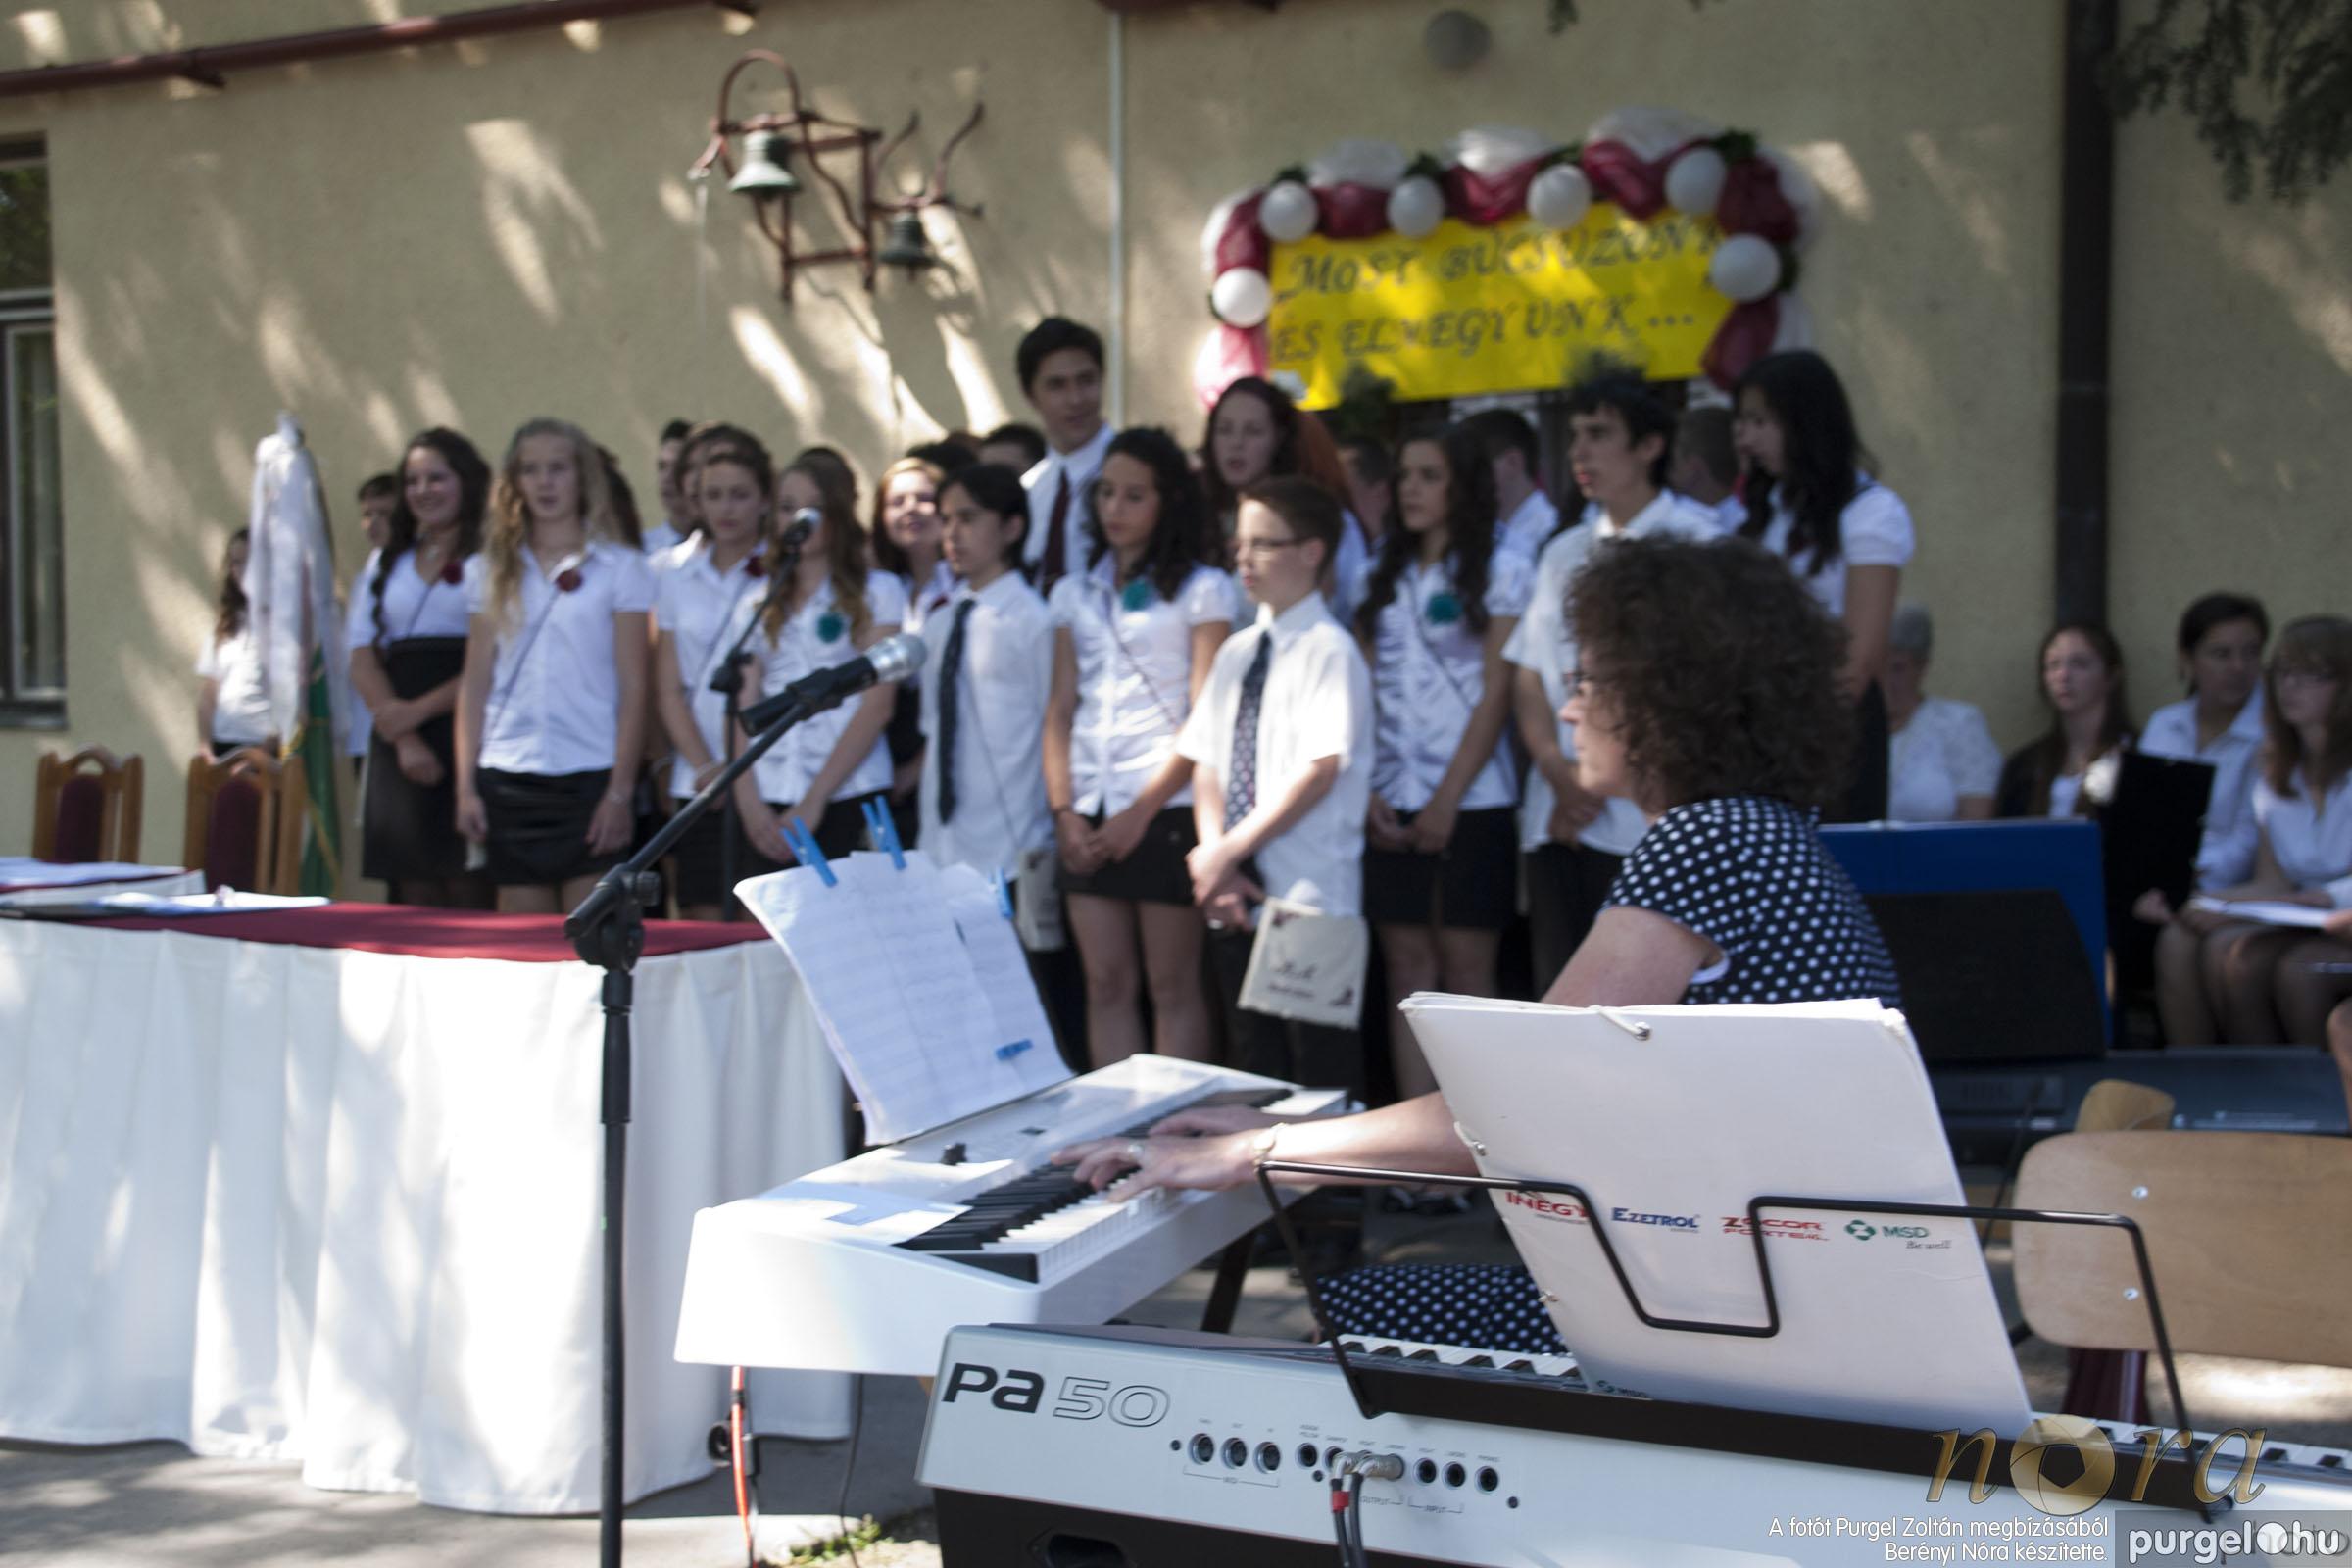 2013.06.15. 218 Forray Máté Általános Iskola ballagás 2013. - Fotó:BERÉNYI NÓRA© _MG_1260.JPG